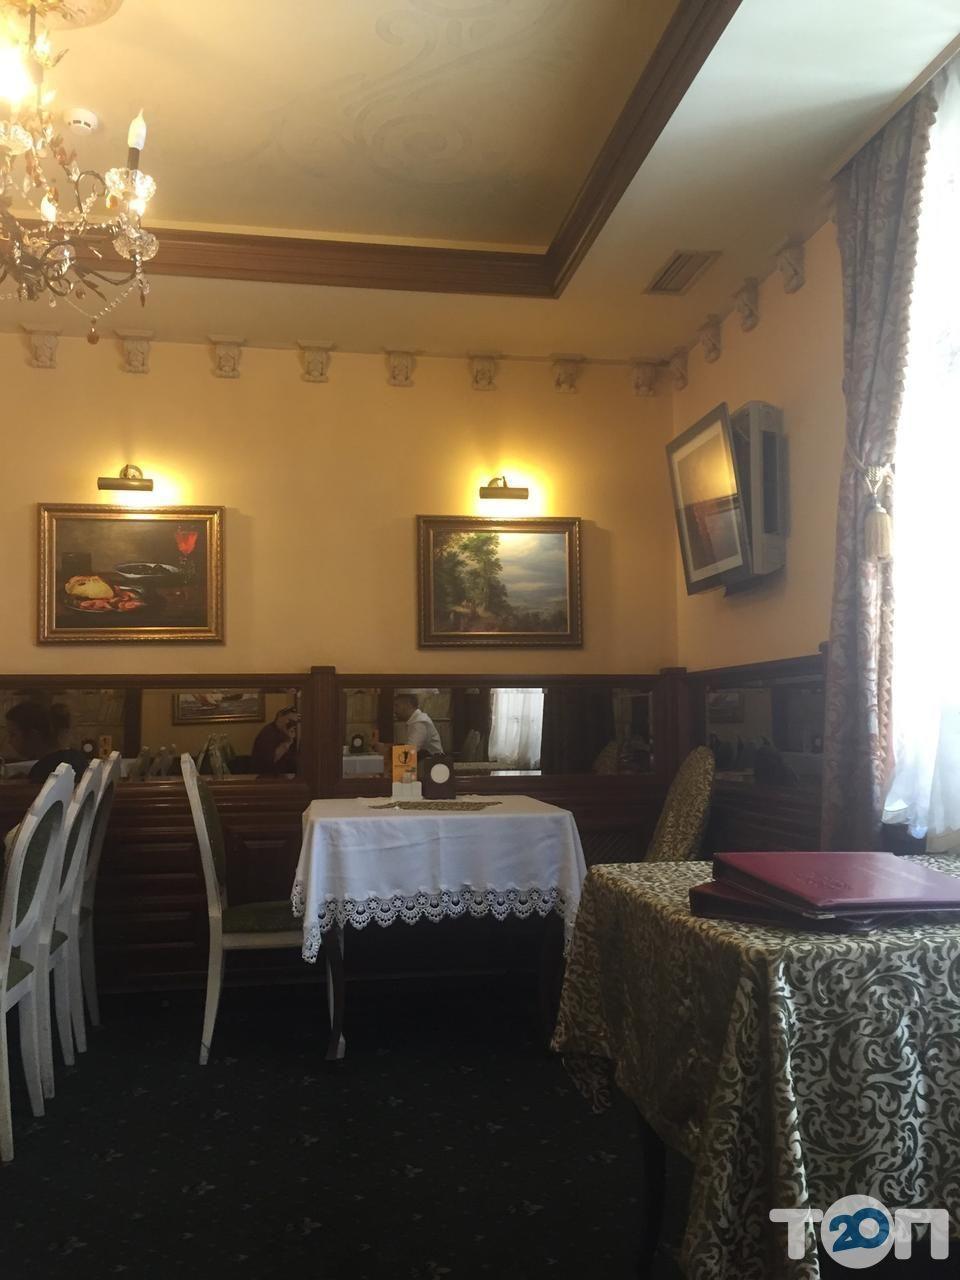 Марсель, ресторан европейской и украинской кухни - фото 5